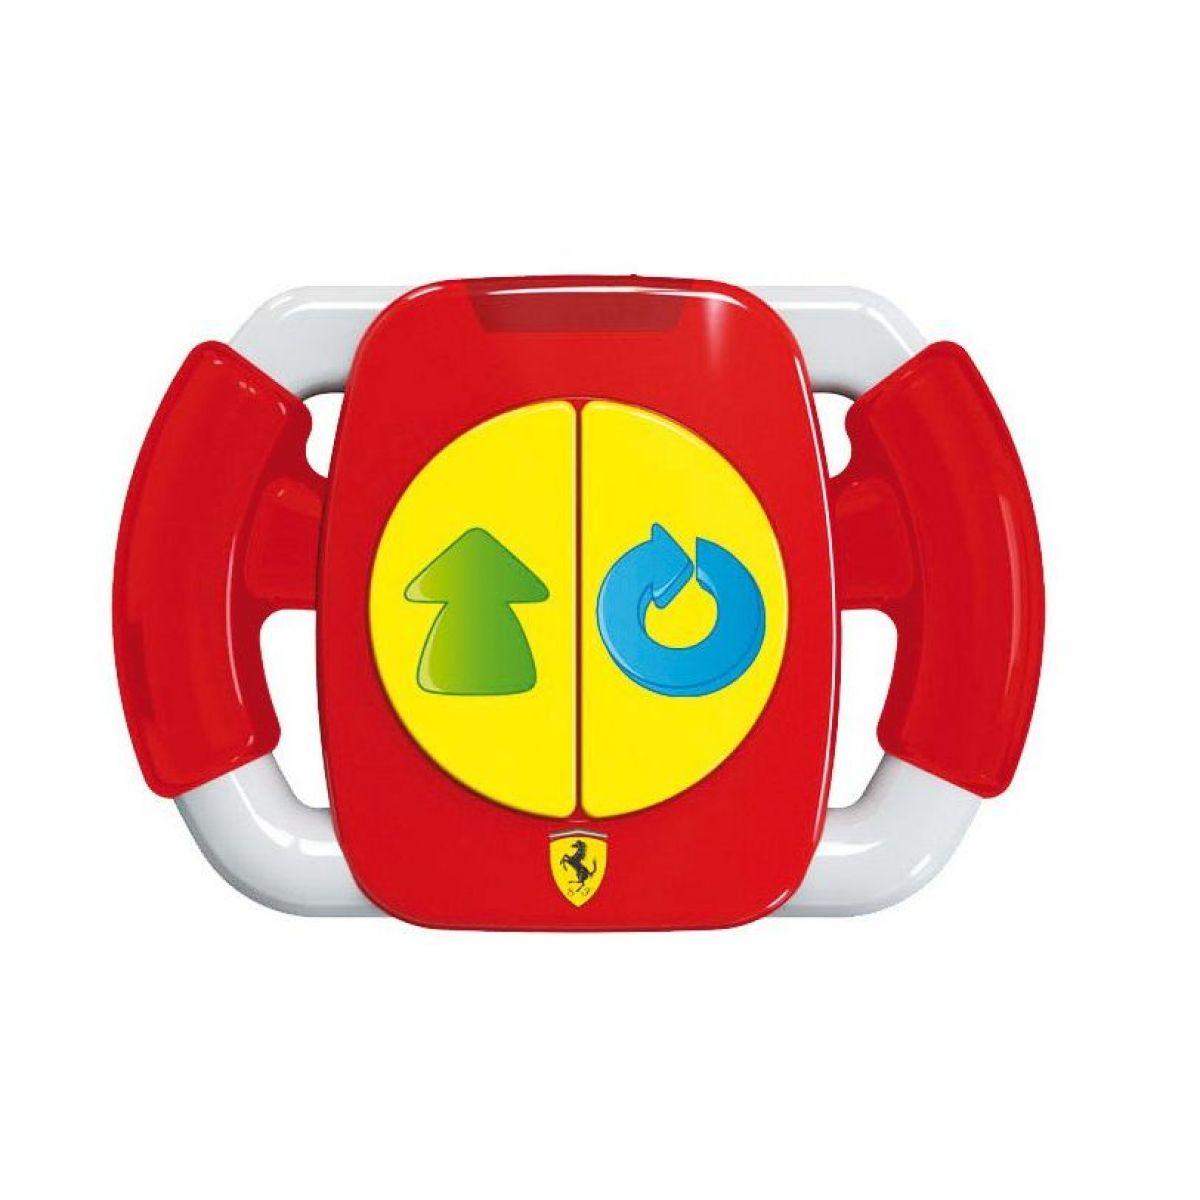 Motorama RC Auto Ferrari F1 Infra #2